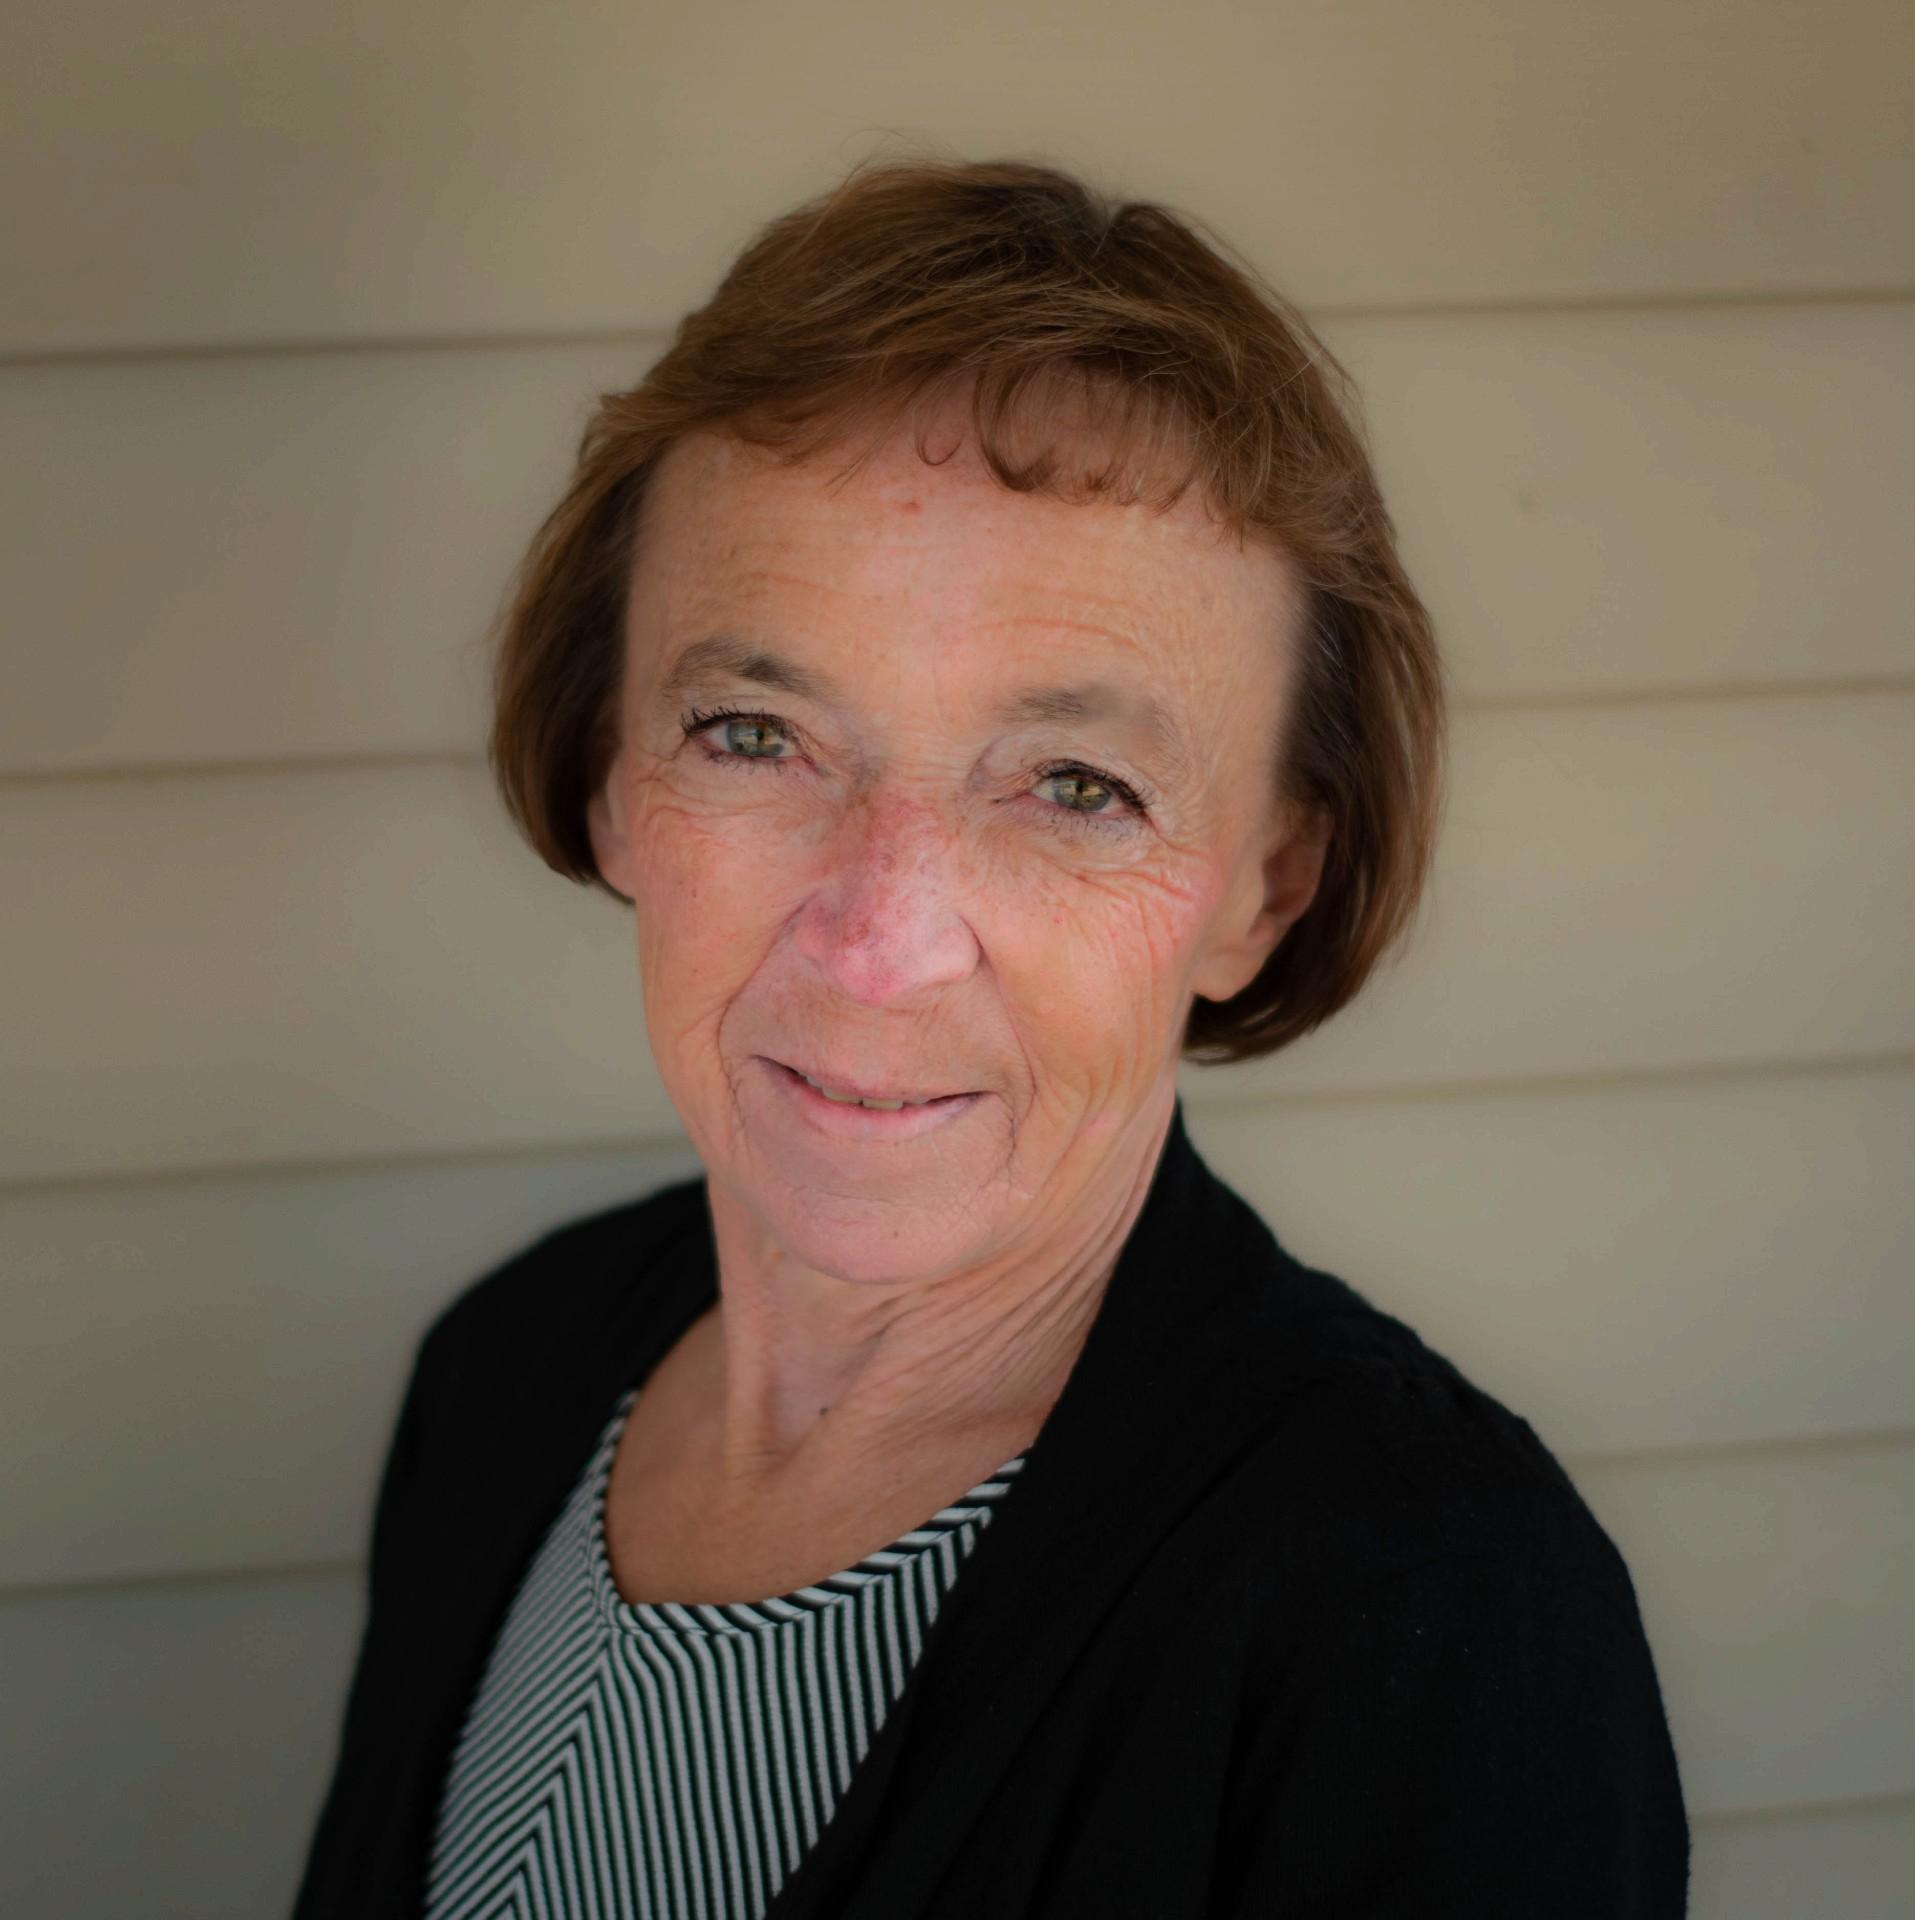 Cynthia J. Surette